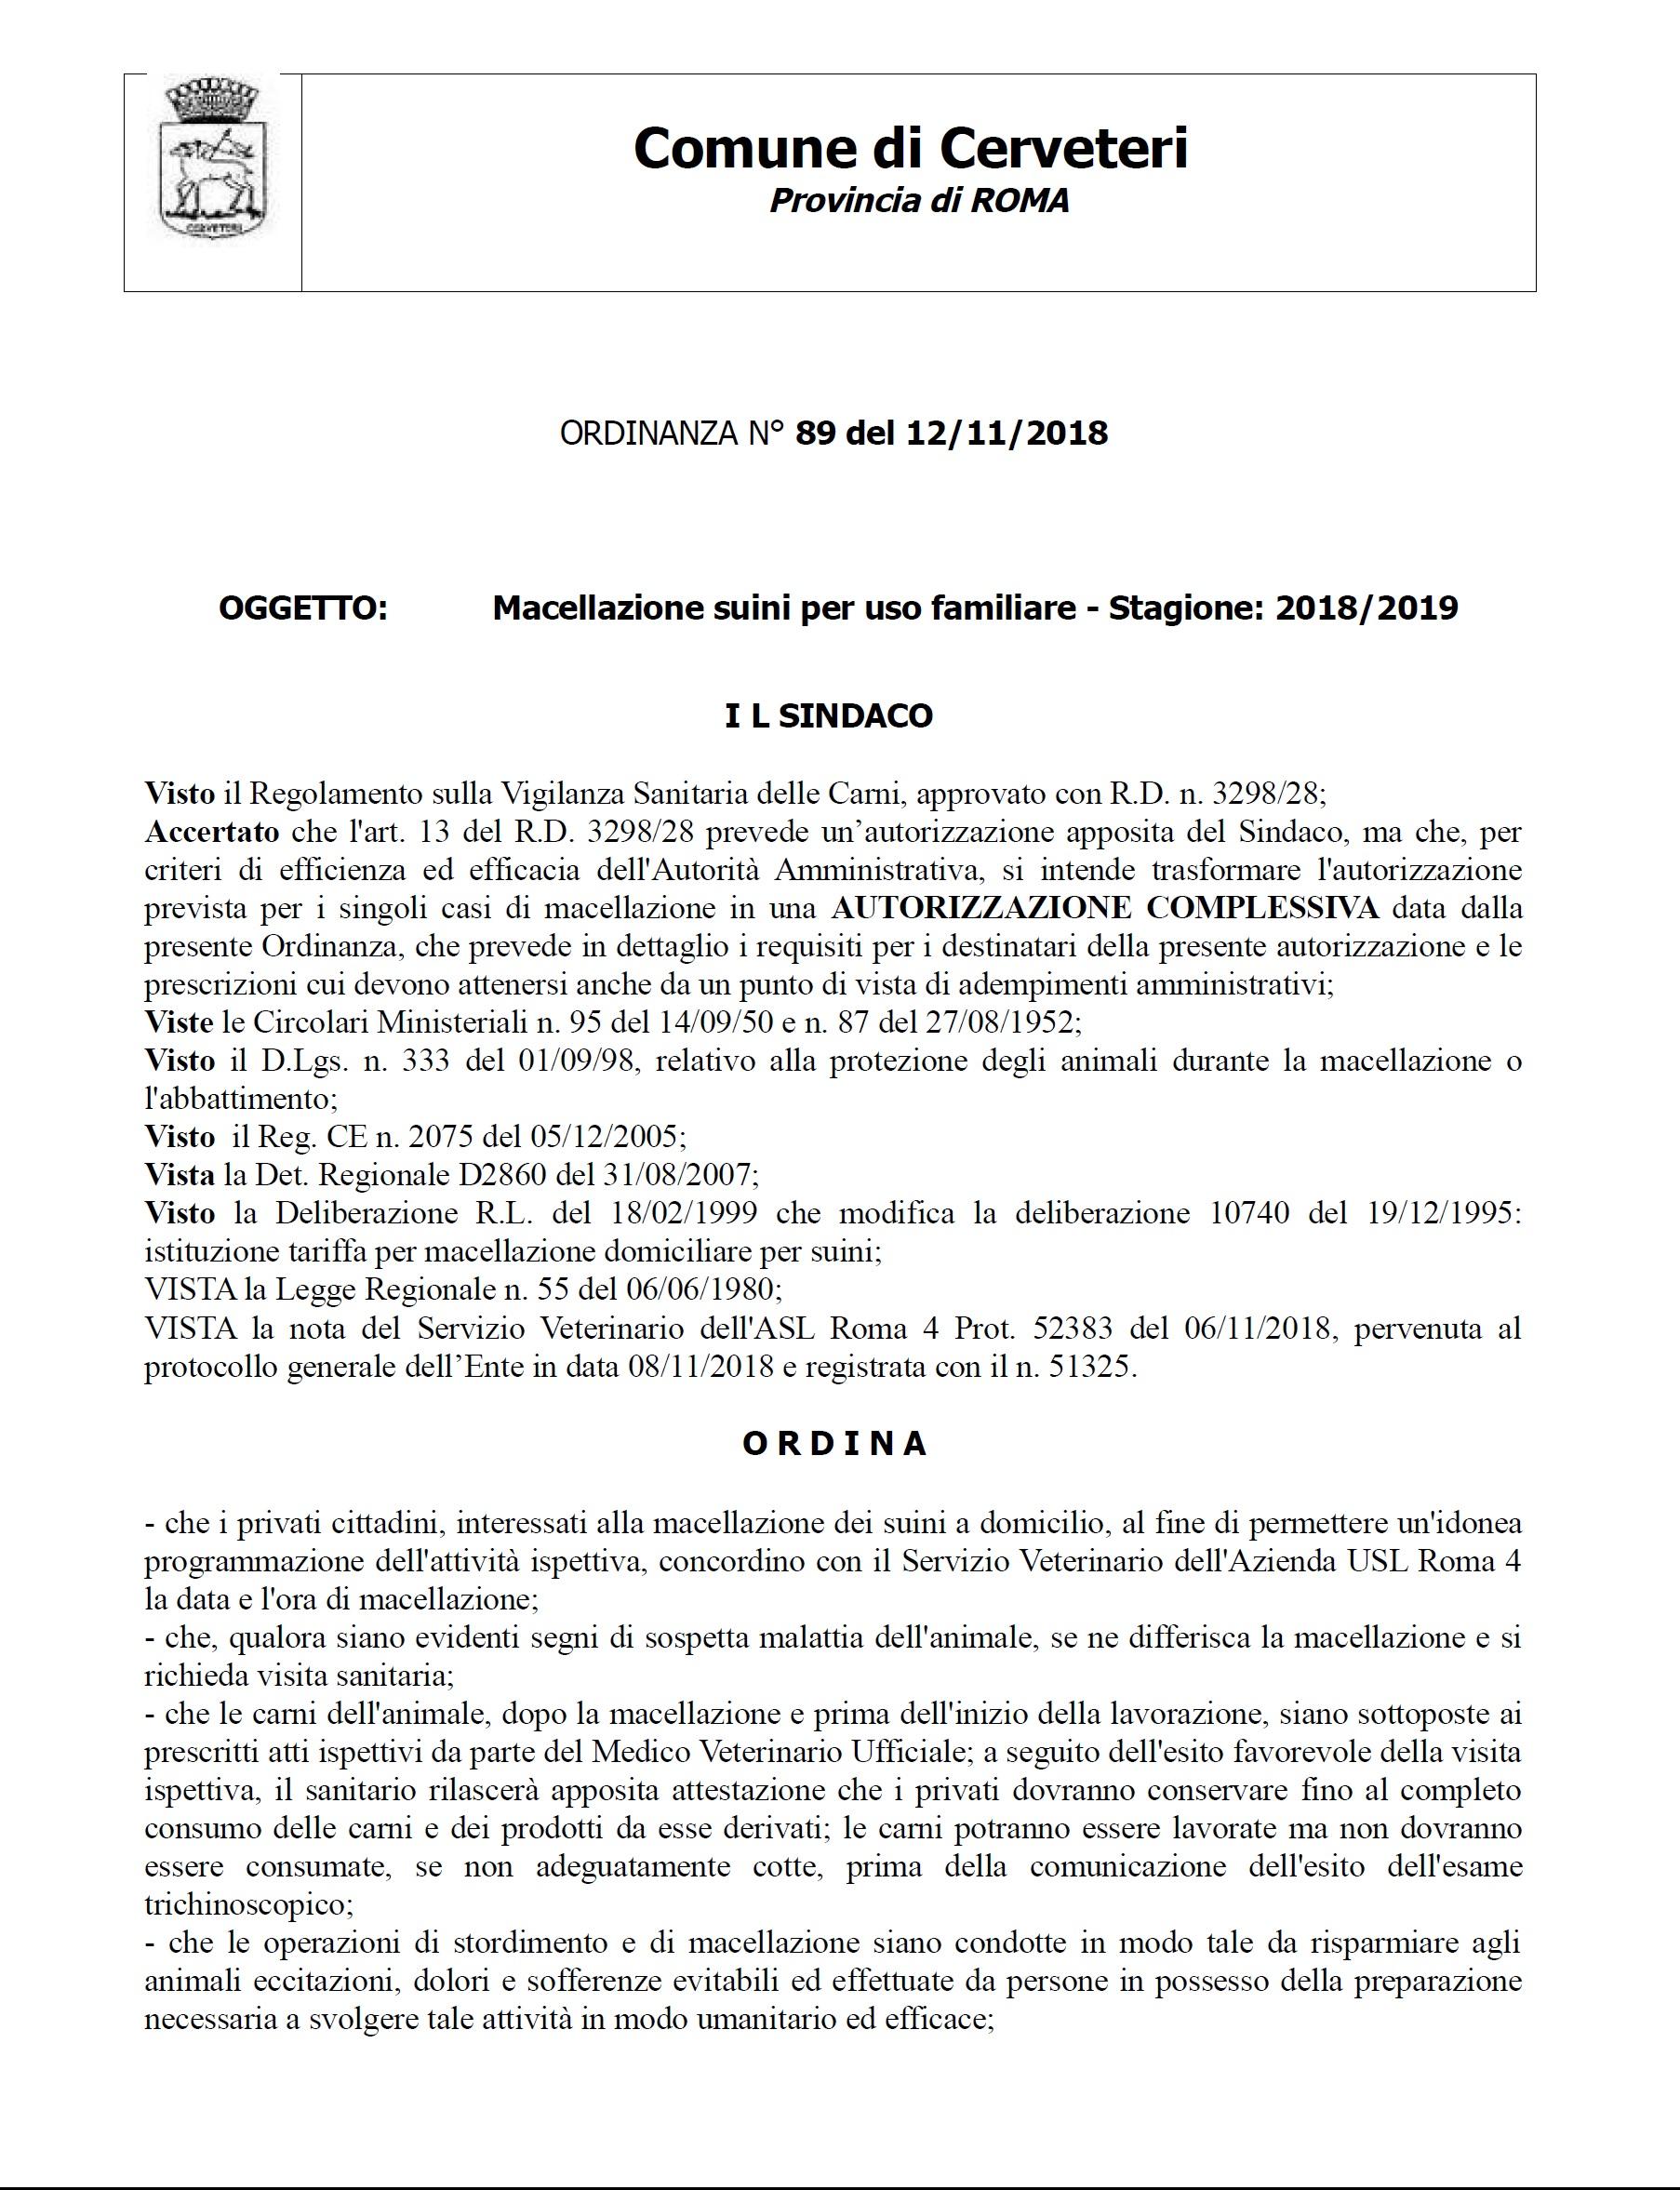 Macellazione suini per uso familiare: stagione 2018/2019